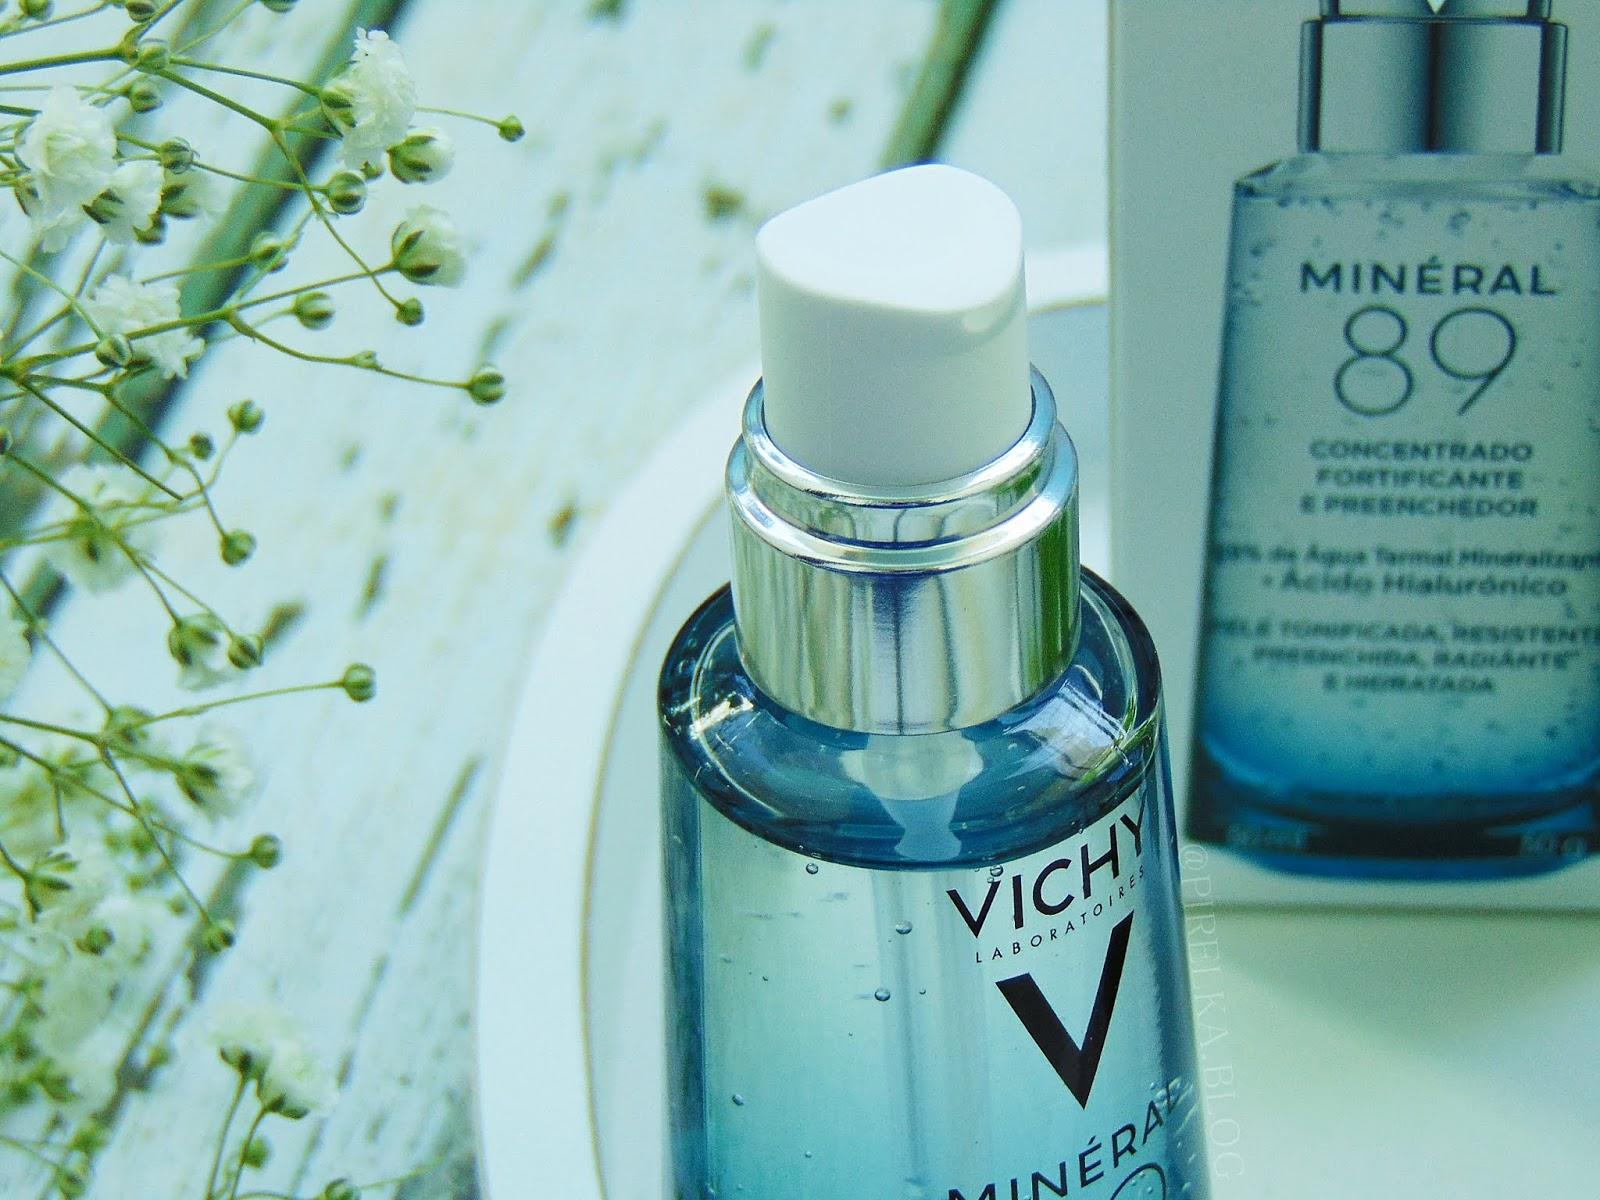 Mineral 89, Vichy - Booster nawilżająco-wzmacniający